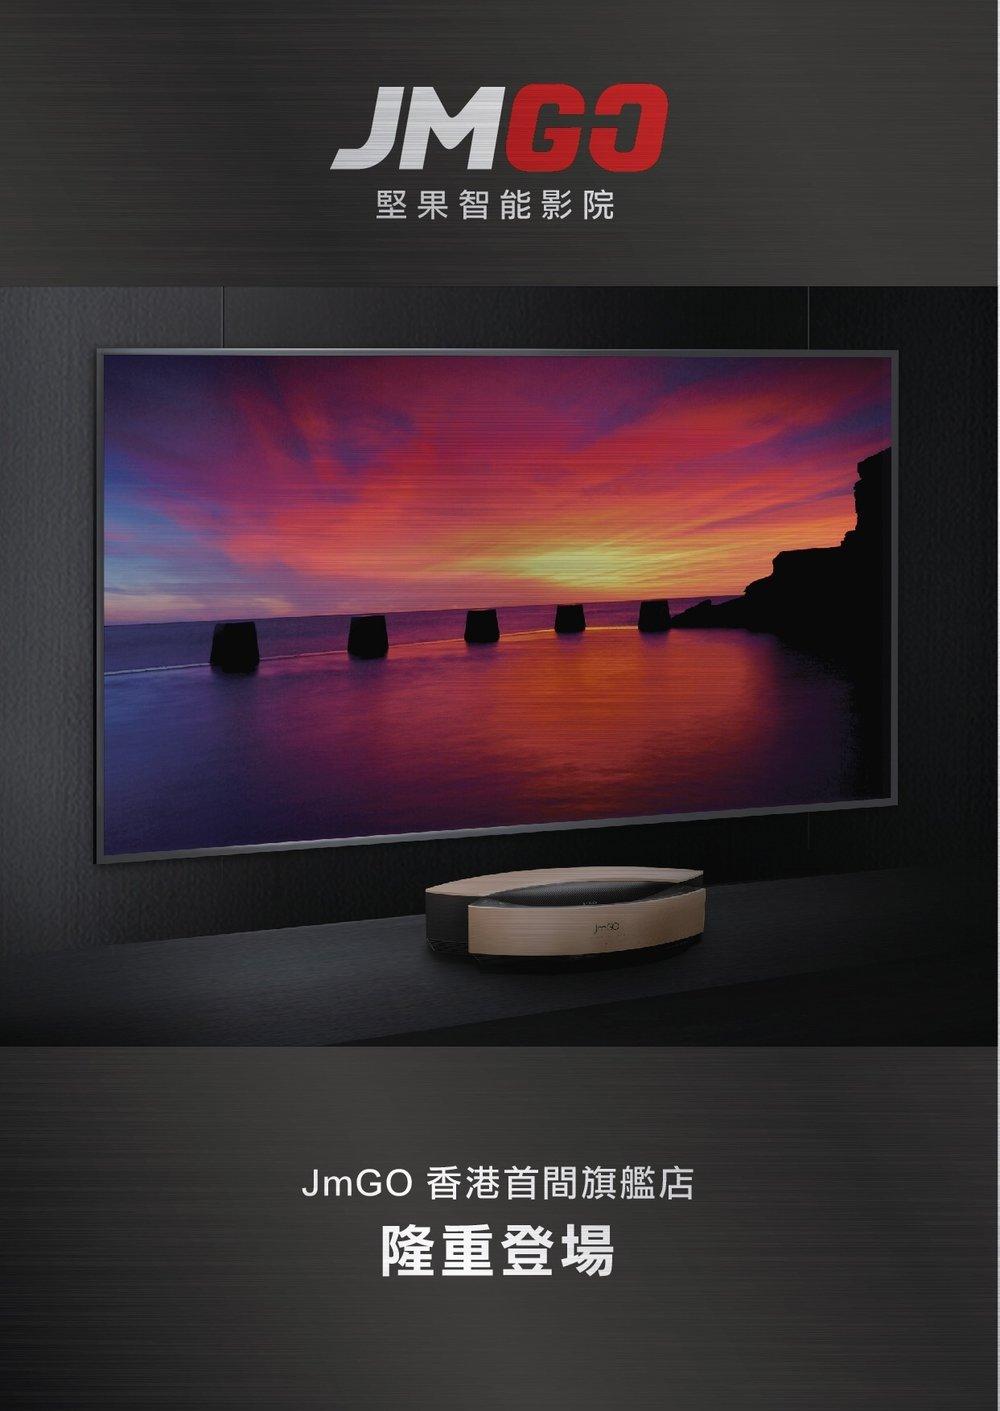 JMGO 2.jpg